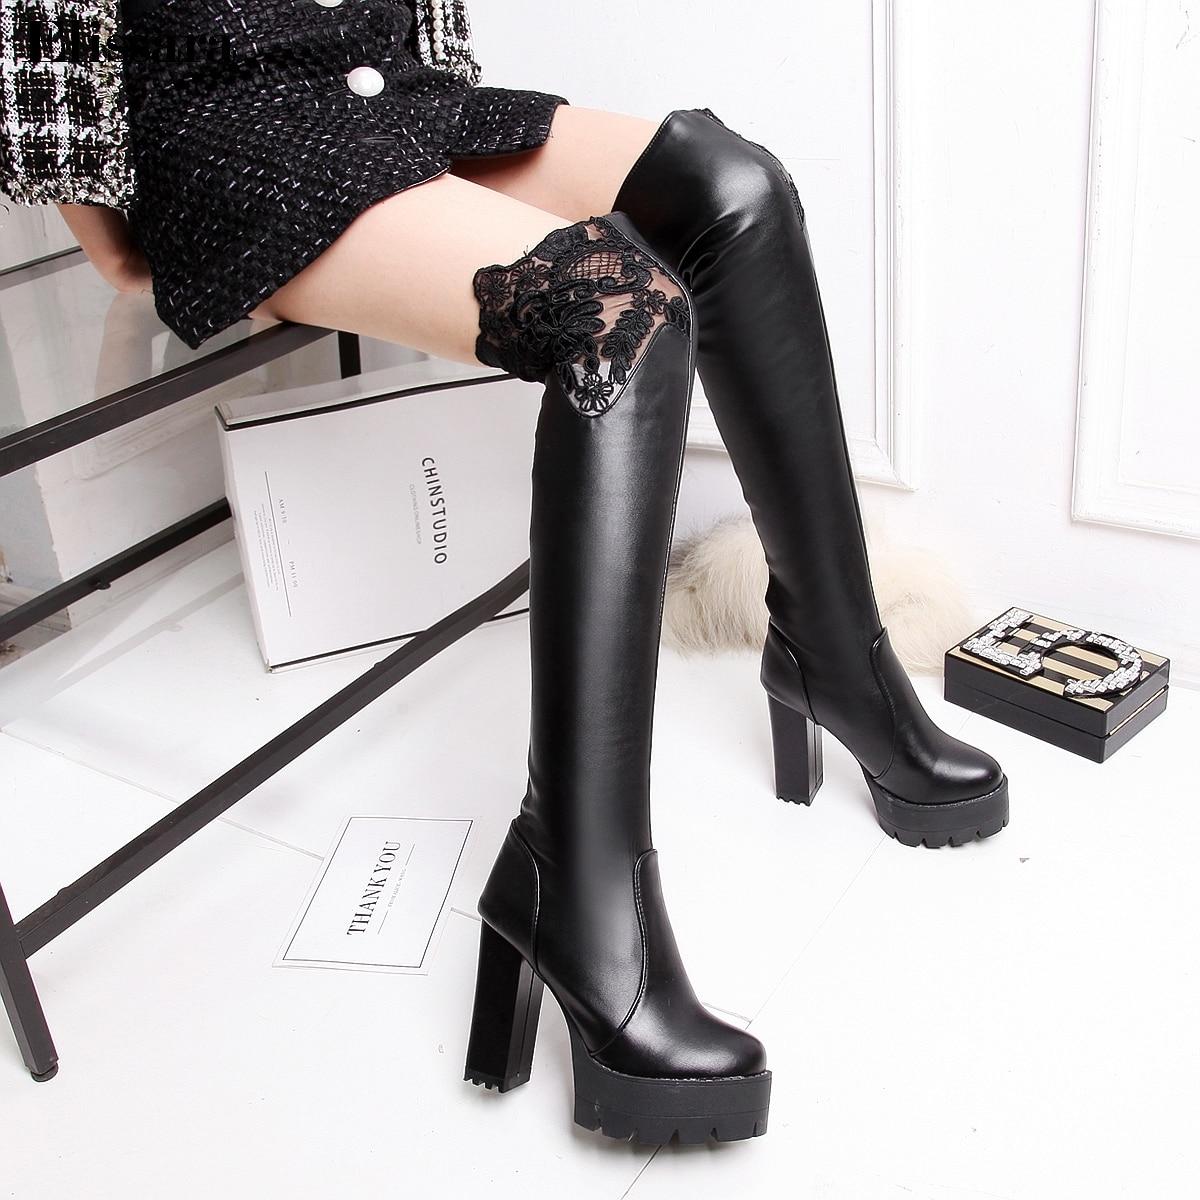 Plate Haute Chaussures Sur Genou 34 Rond Talons Femme Taille 43 Noir Femmes Cuisse Bout Bottes Noir De Mode forme blanc Elissara 7Aq4pWwxB